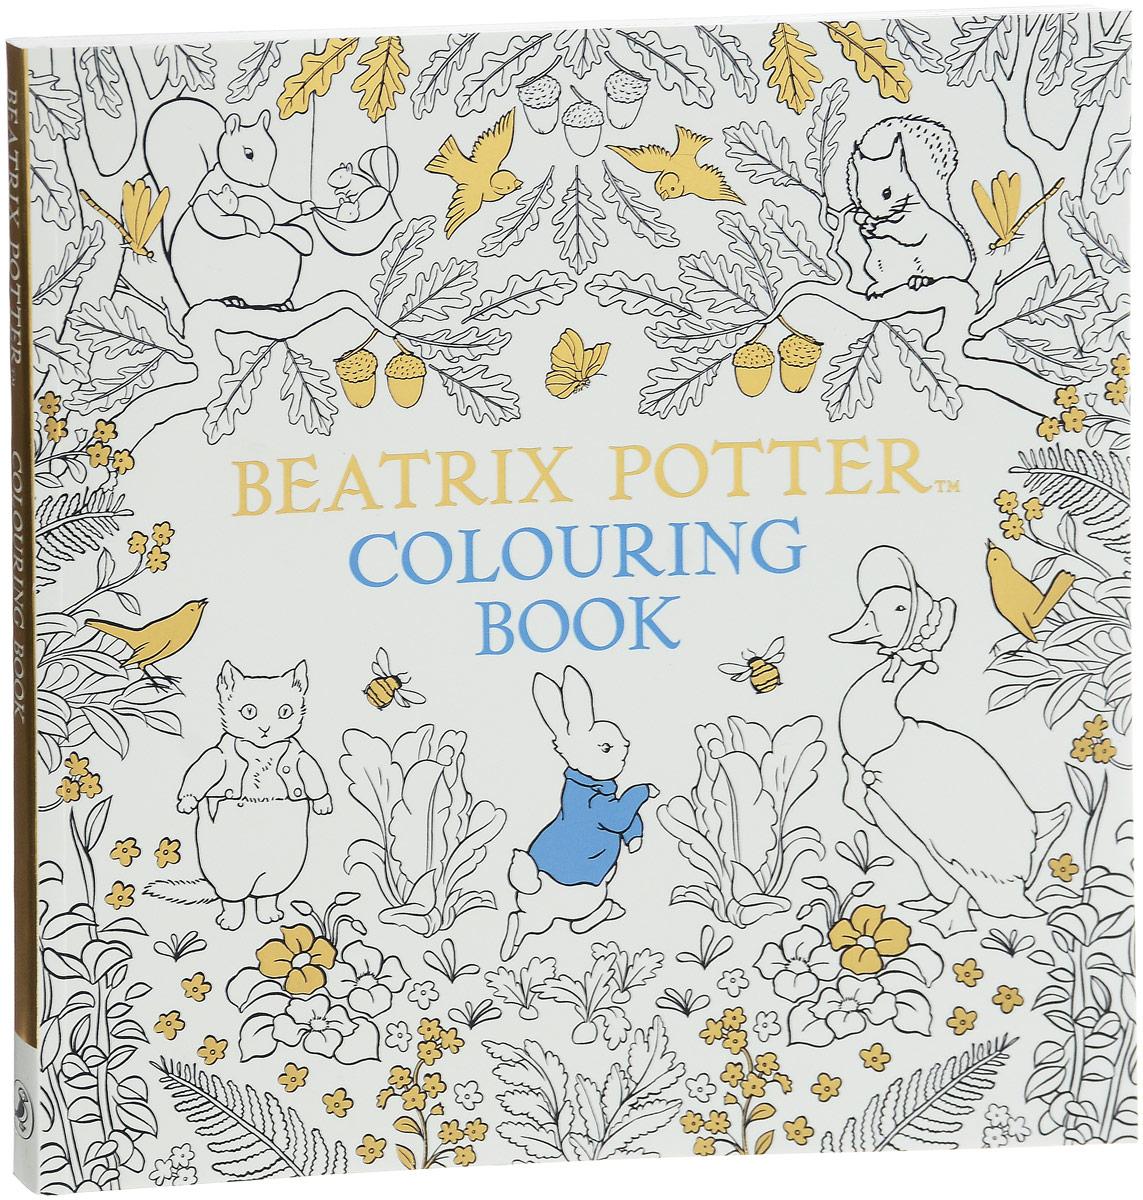 The Beatrix Potter Colouring Boo